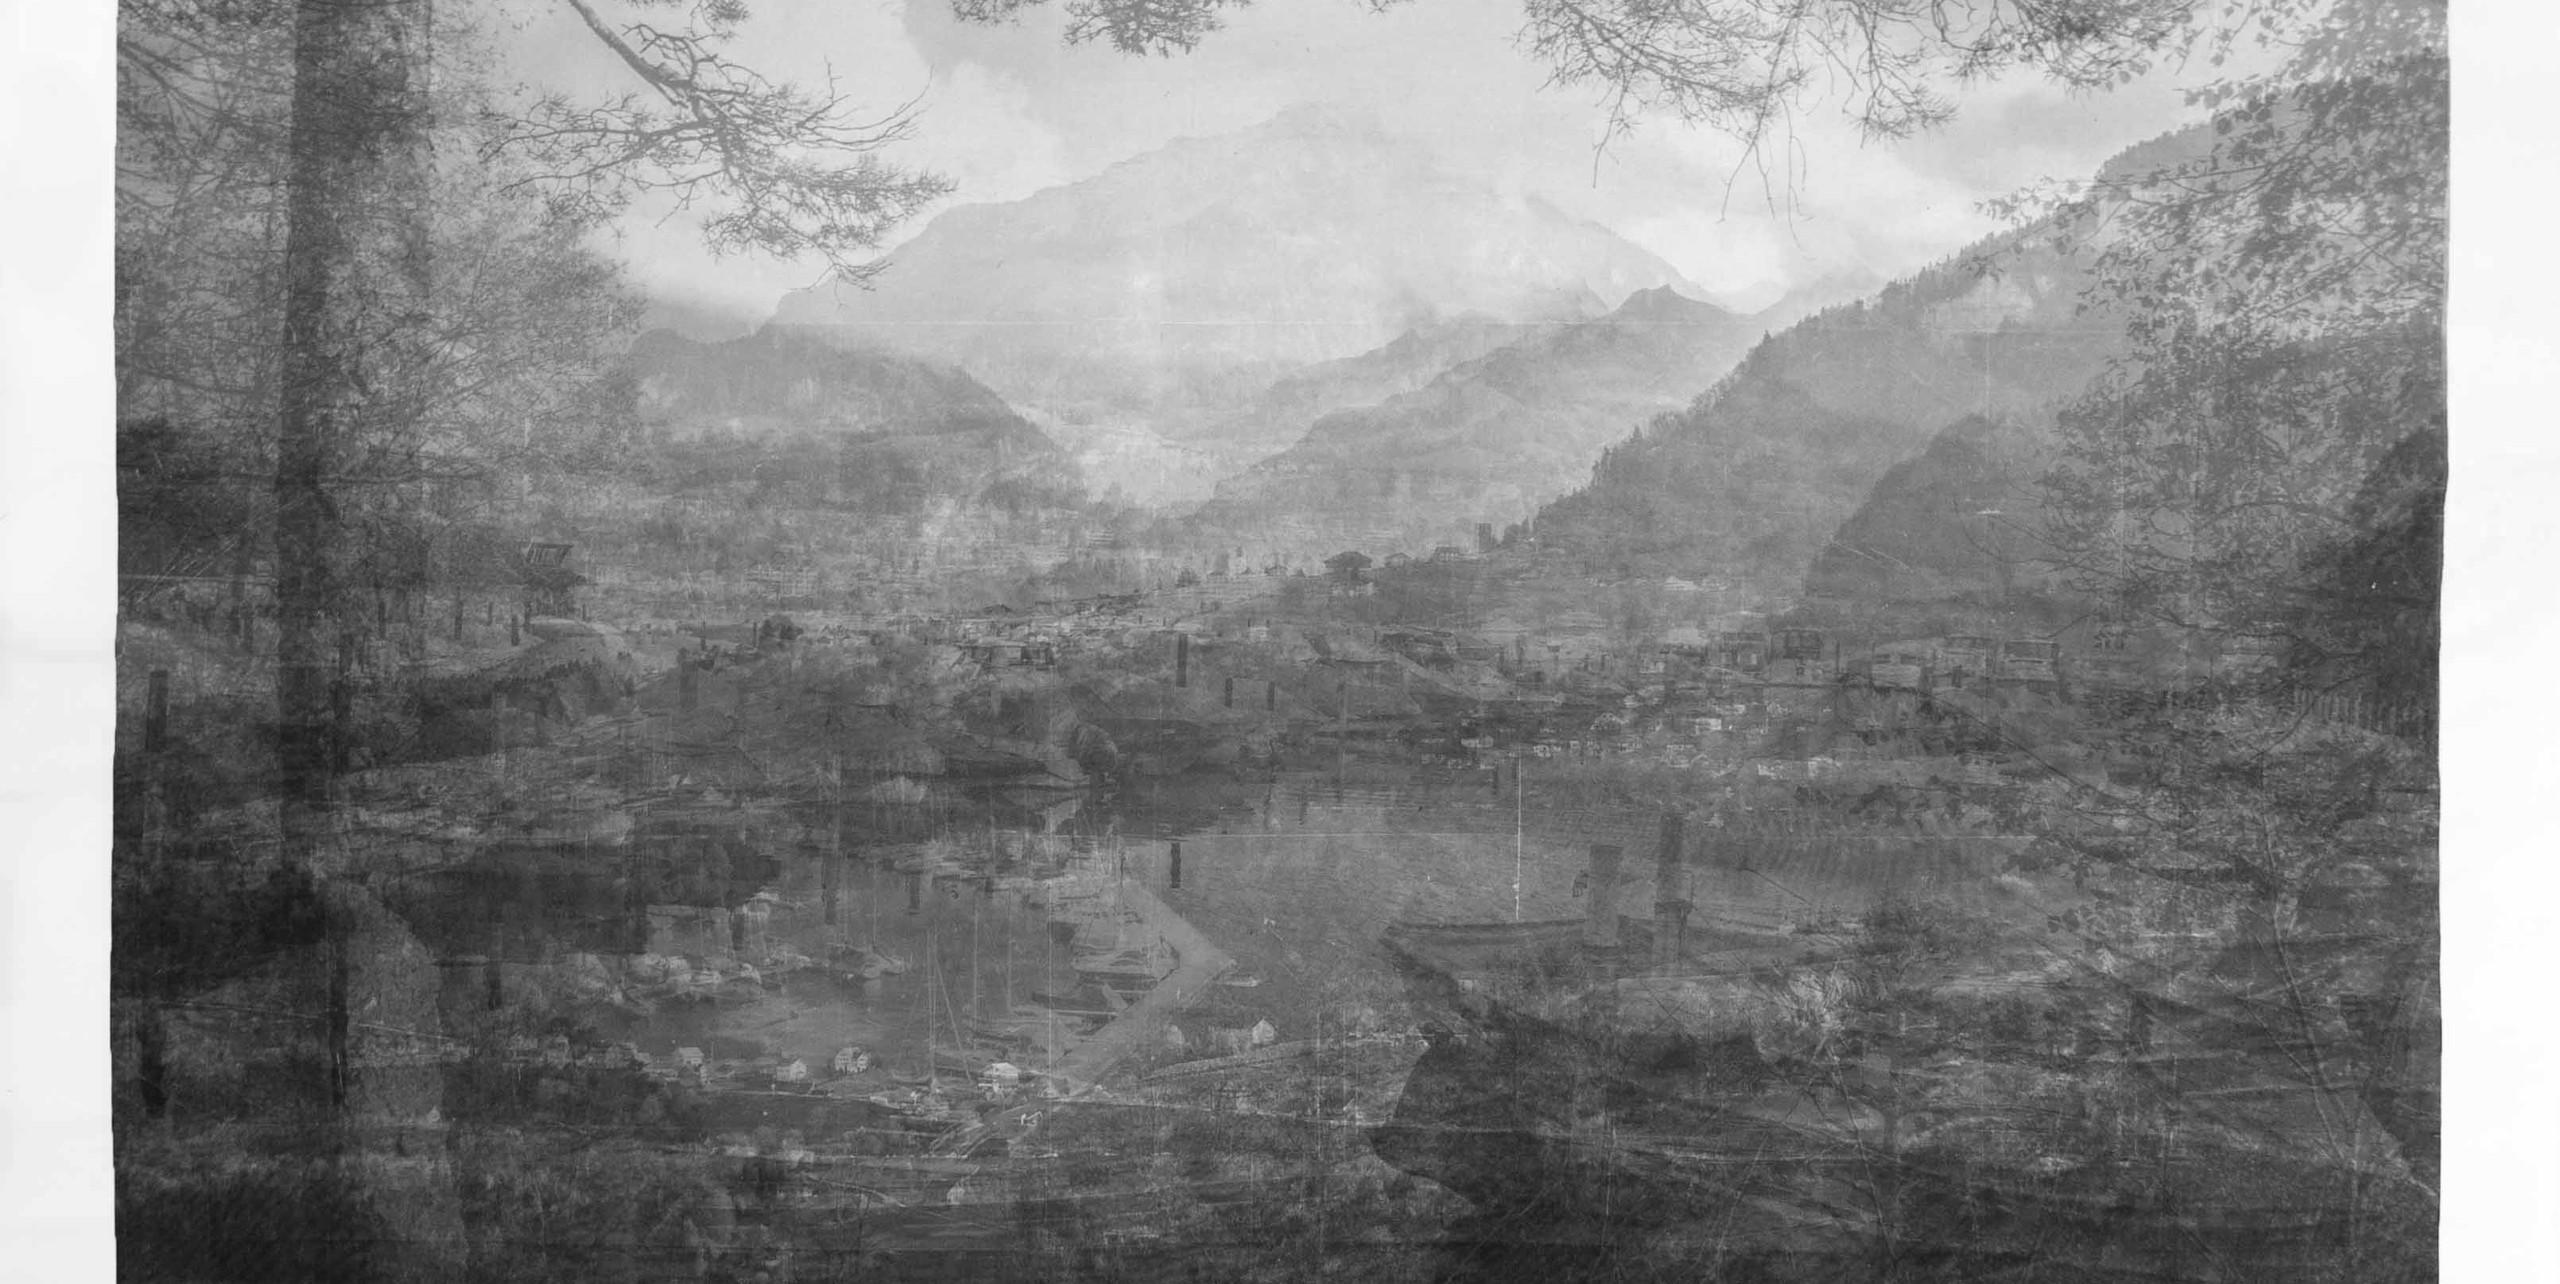 Die Gedanken verlieren in der traumhaften Realität, am See, in der Stadt, mit Sicht auf die Berge (2019) 210 x 140 cm